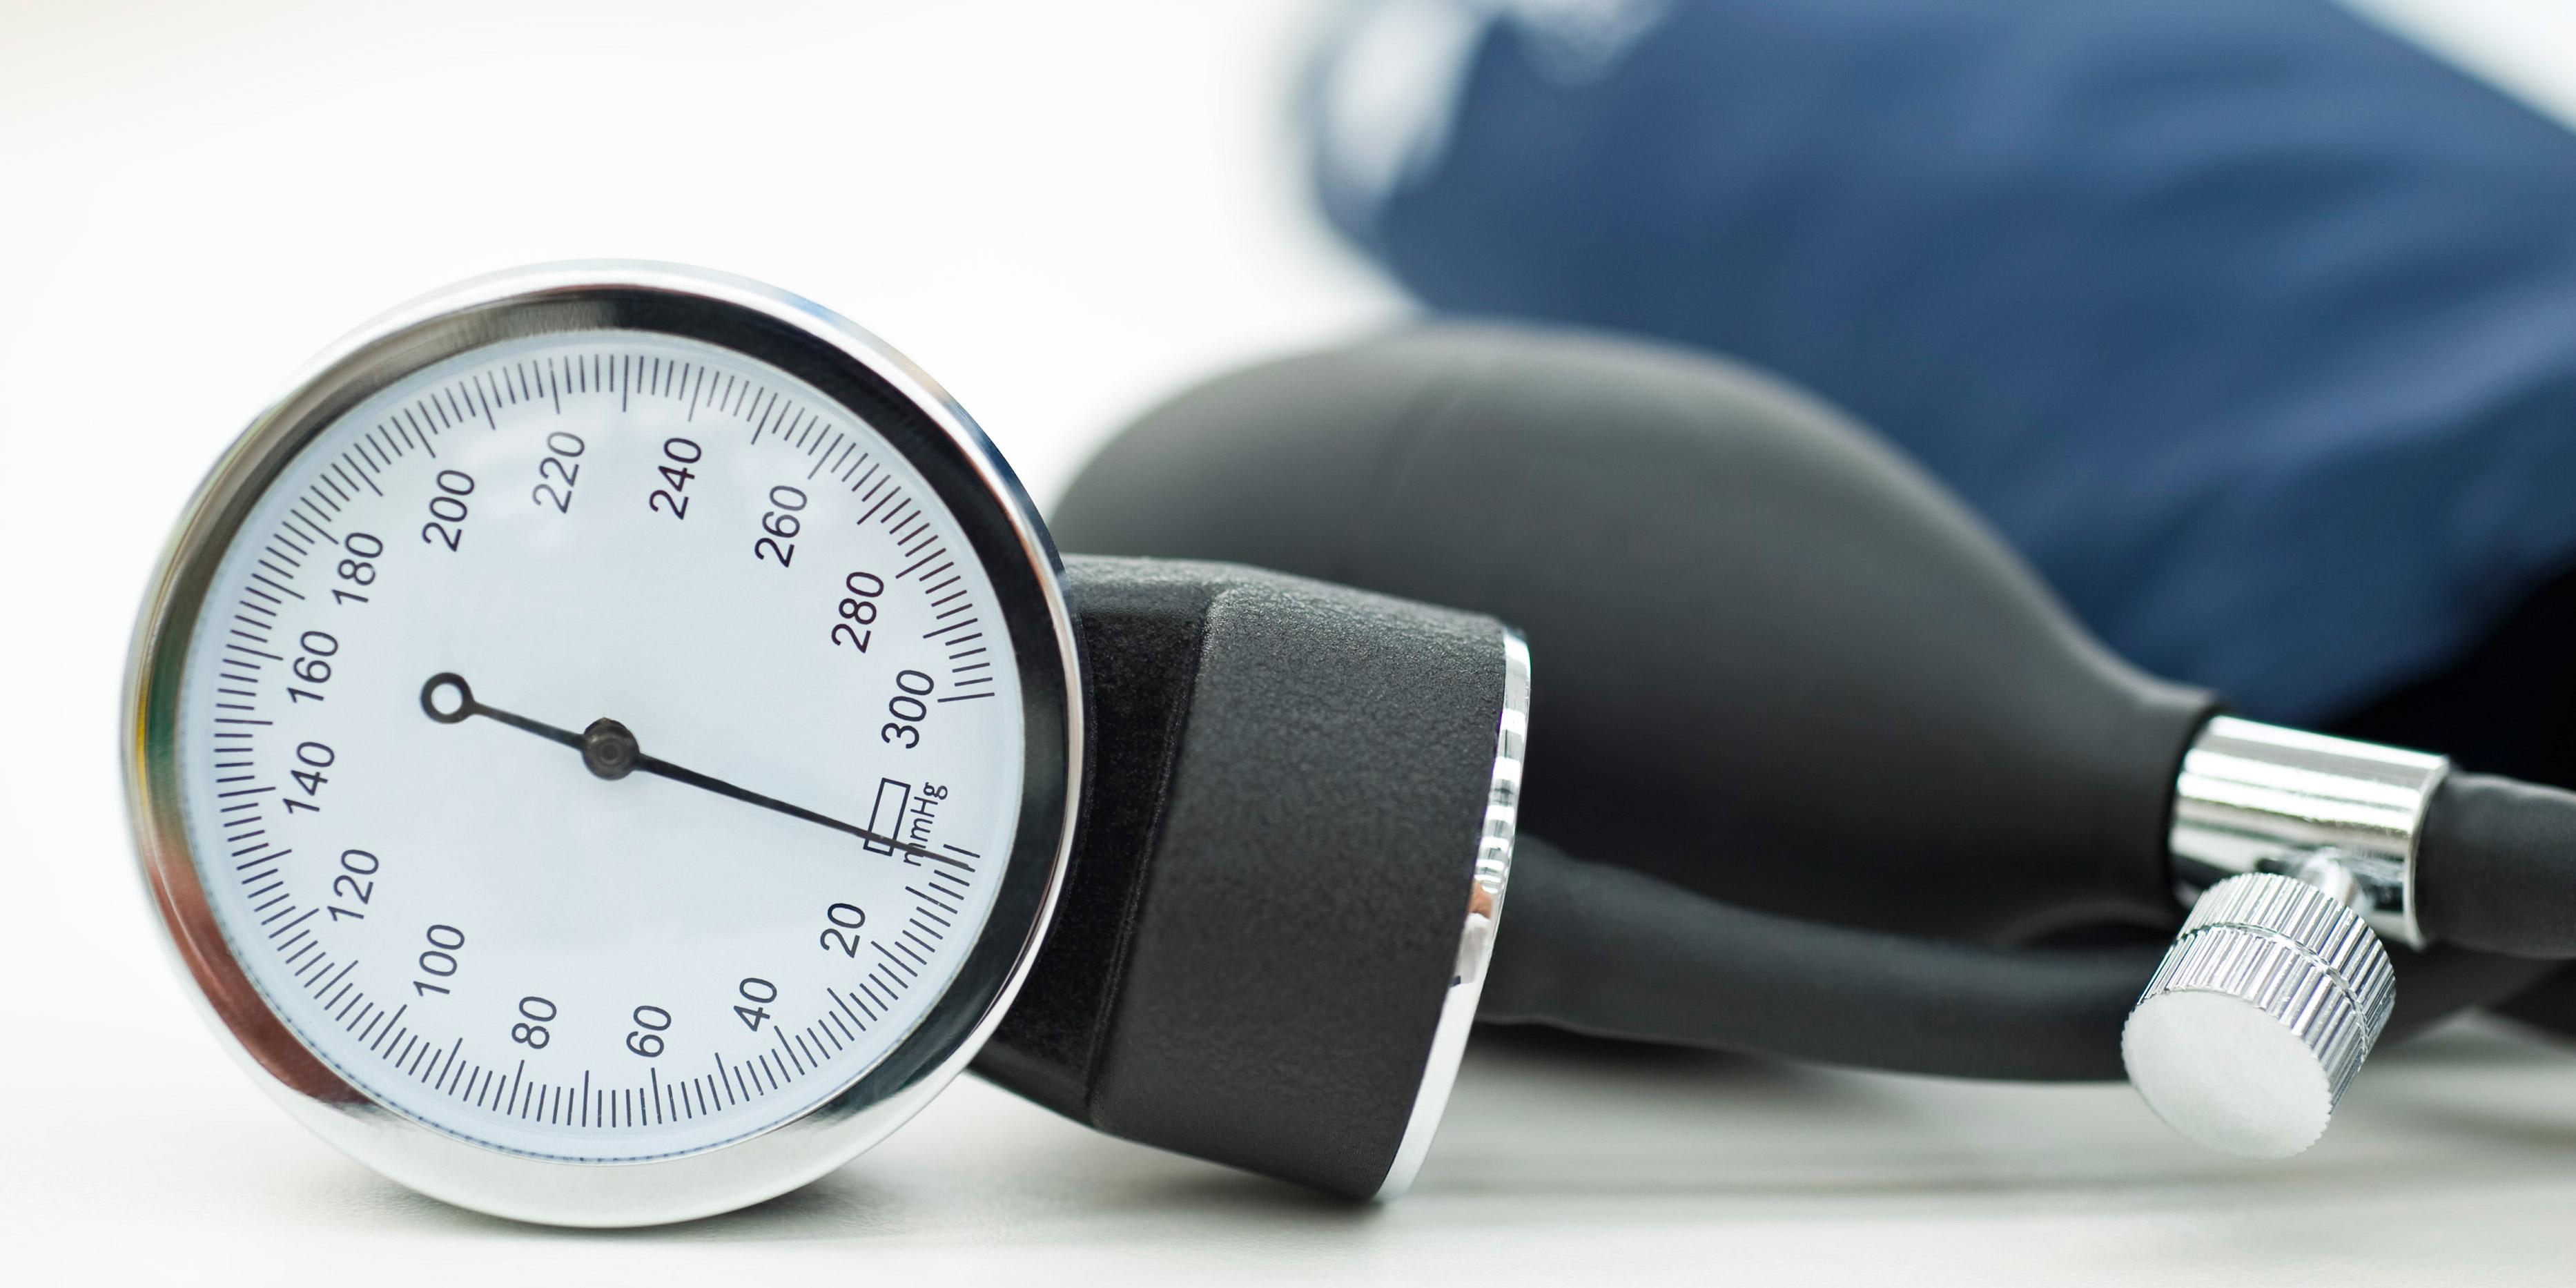 hogyan lehet legyőzni a magas vérnyomást népi gyógymódokkal a hipertónia kezelésének célja